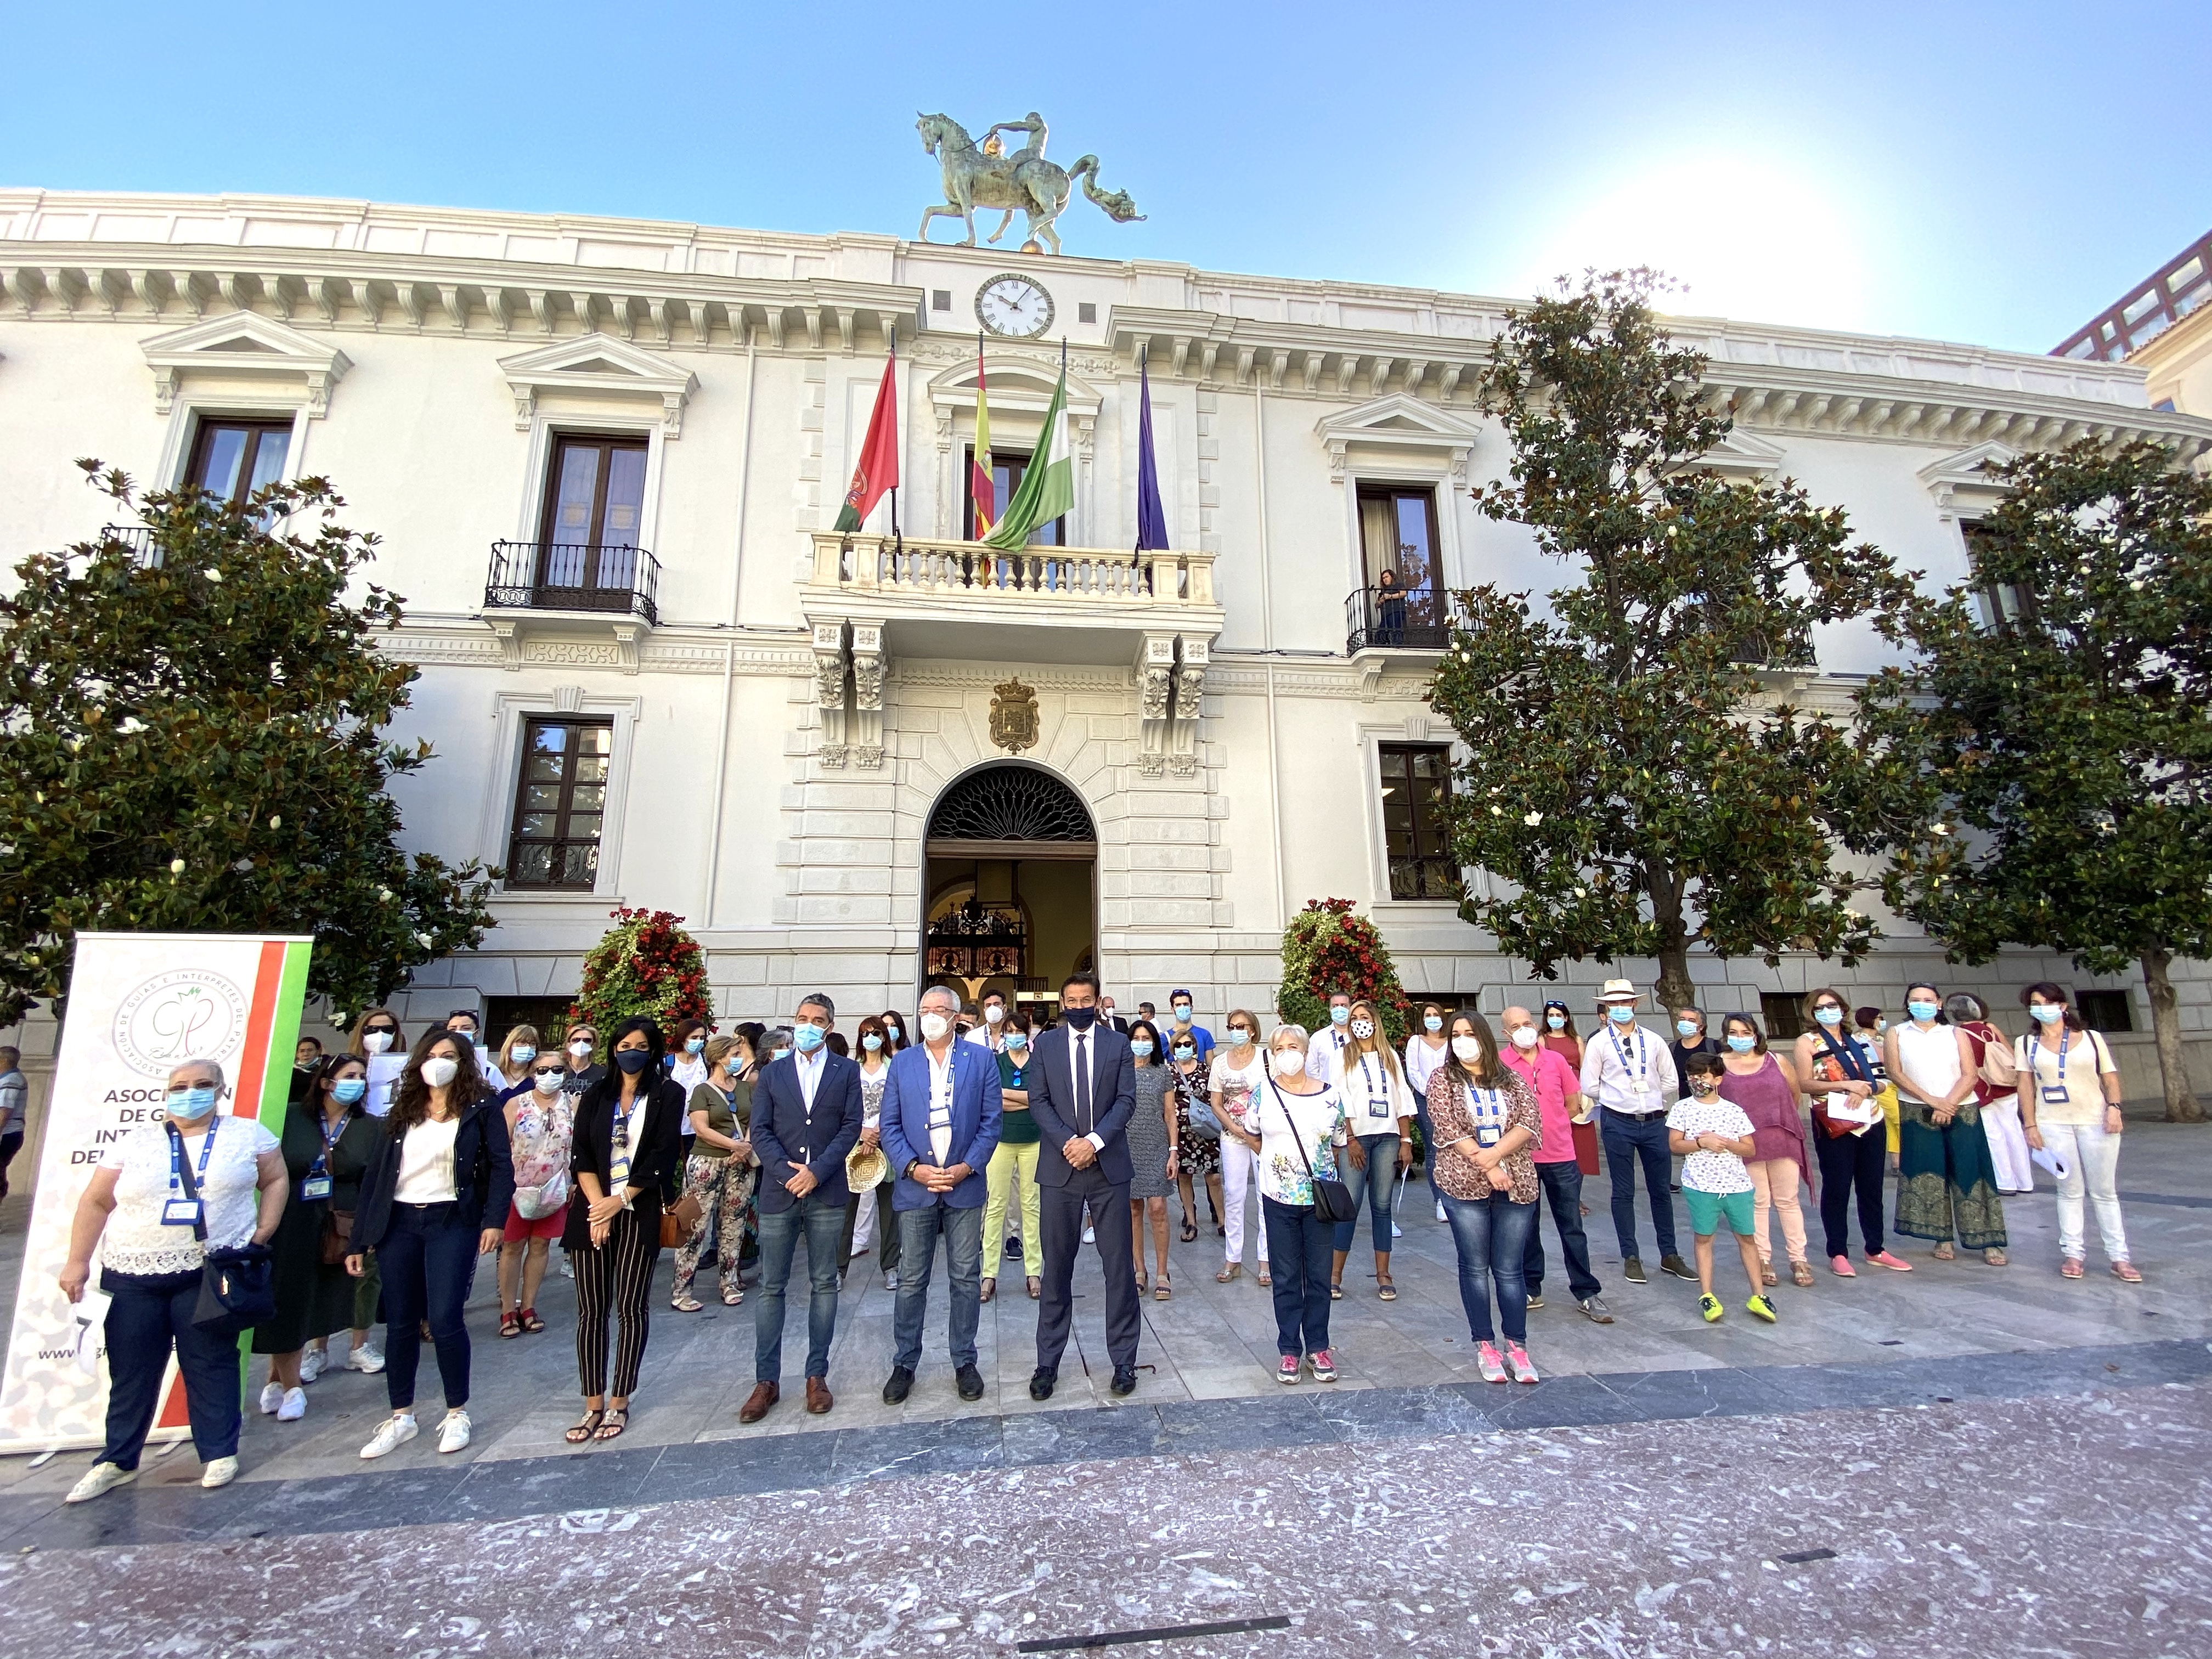 El alcalde define a los guías turísticos como los «mejores embajadores de Granada»